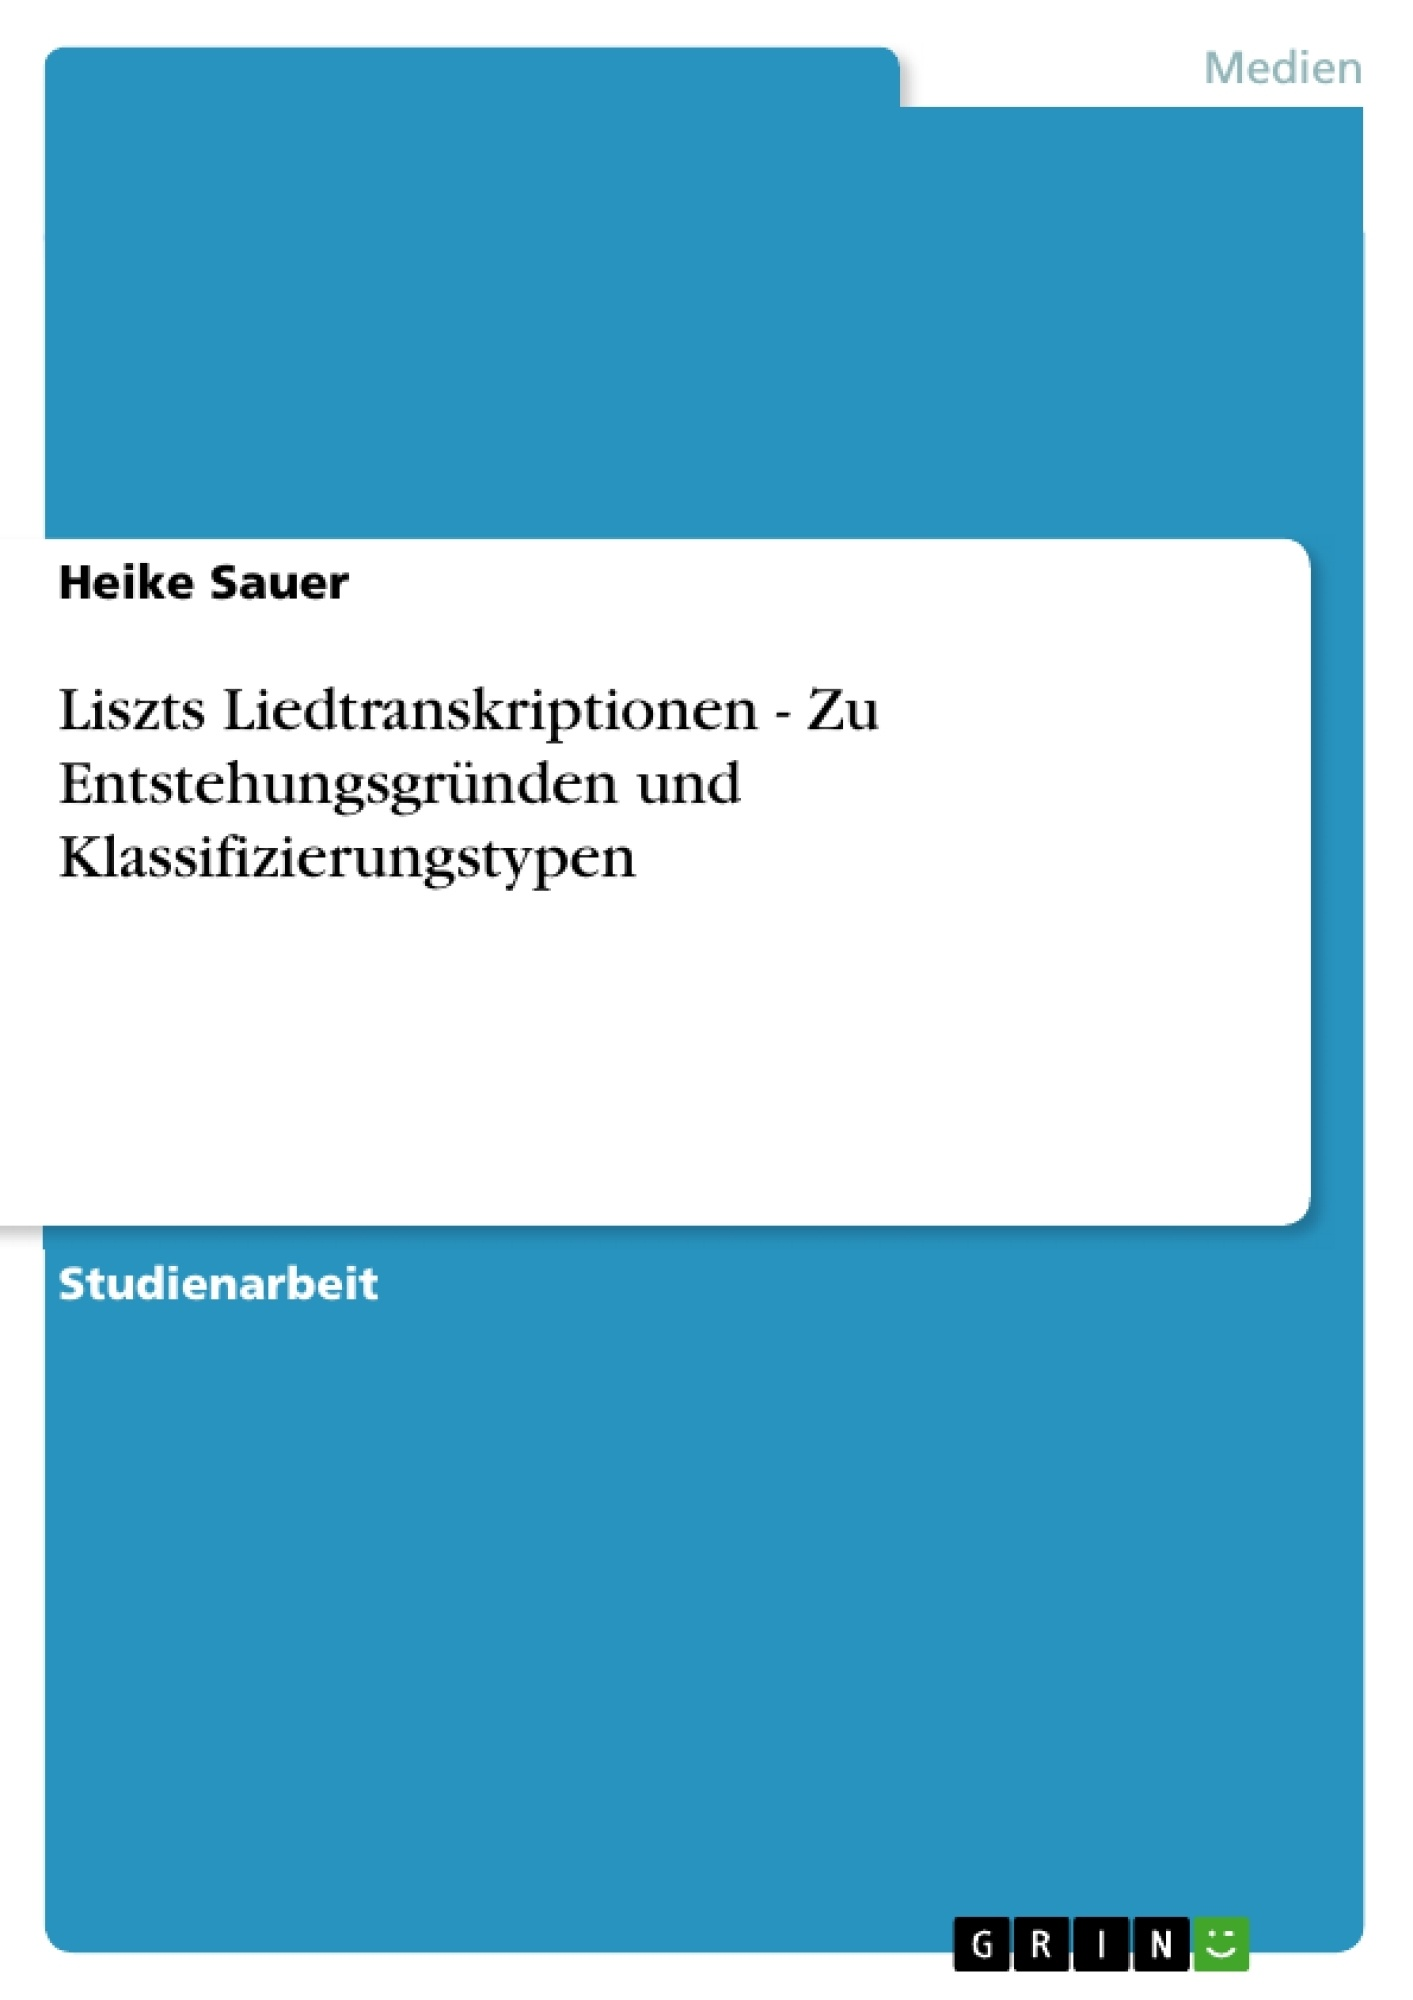 Titel: Liszts Liedtranskriptionen  - Zu Entstehungsgründen und Klassifizierungstypen